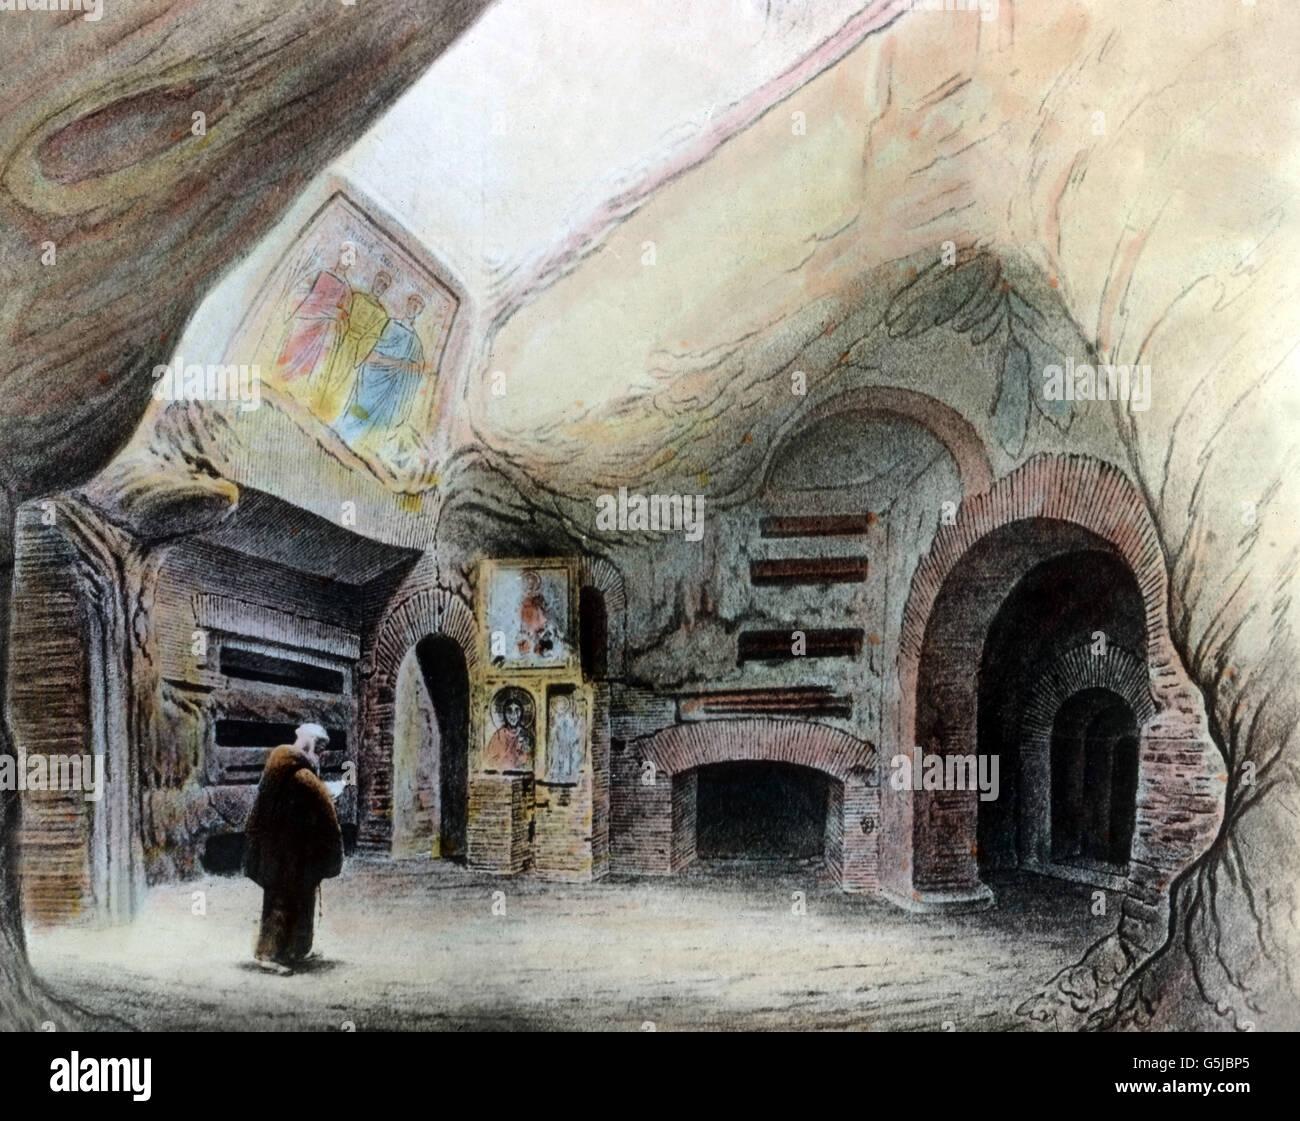 Dans der Katakombe der Heiligen Caecilia en Rom, Italie 1920er Jahre. Sur le tombeau de Sainte Cécile à Rome, Italie 1920. Banque D'Images